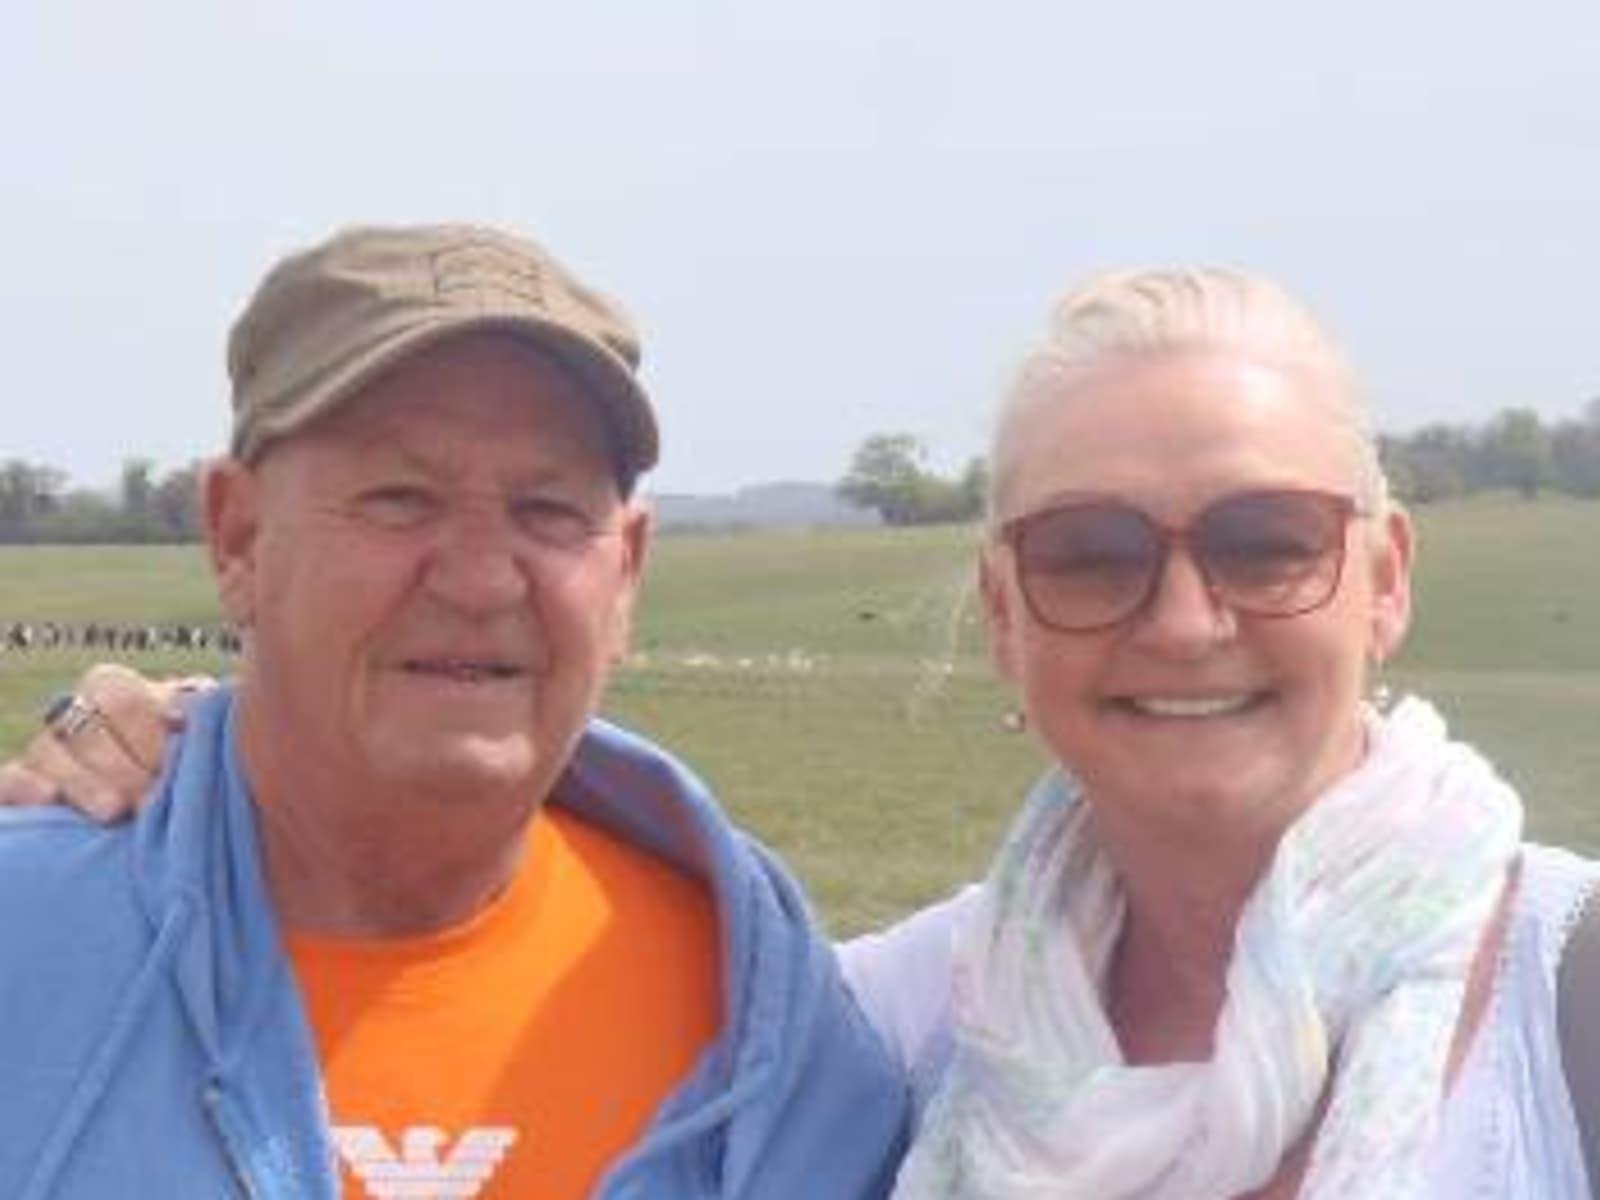 Joanne & Gary from Hobart, Tasmania, Australia